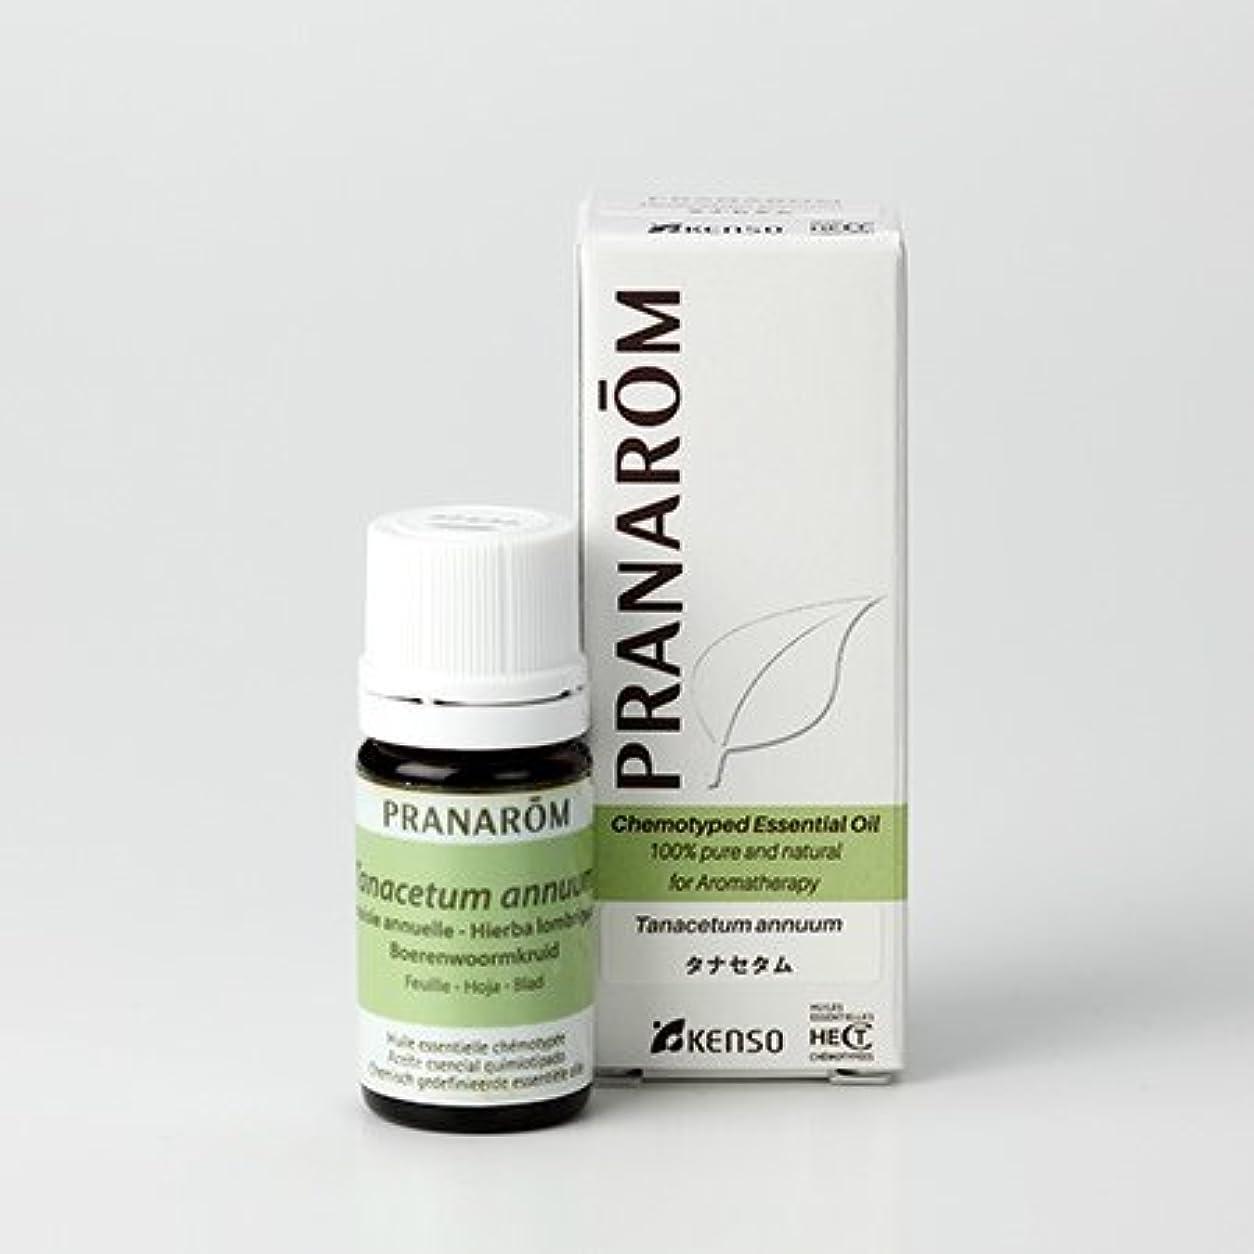 縞模様の思われるレンダー【タナセタム 5ml】→甘みのある、濃厚でフルーティな香り?(リラックスハーブ系)[PRANAROM(プラナロム)精油/アロマオイル/エッセンシャルオイル]P-173